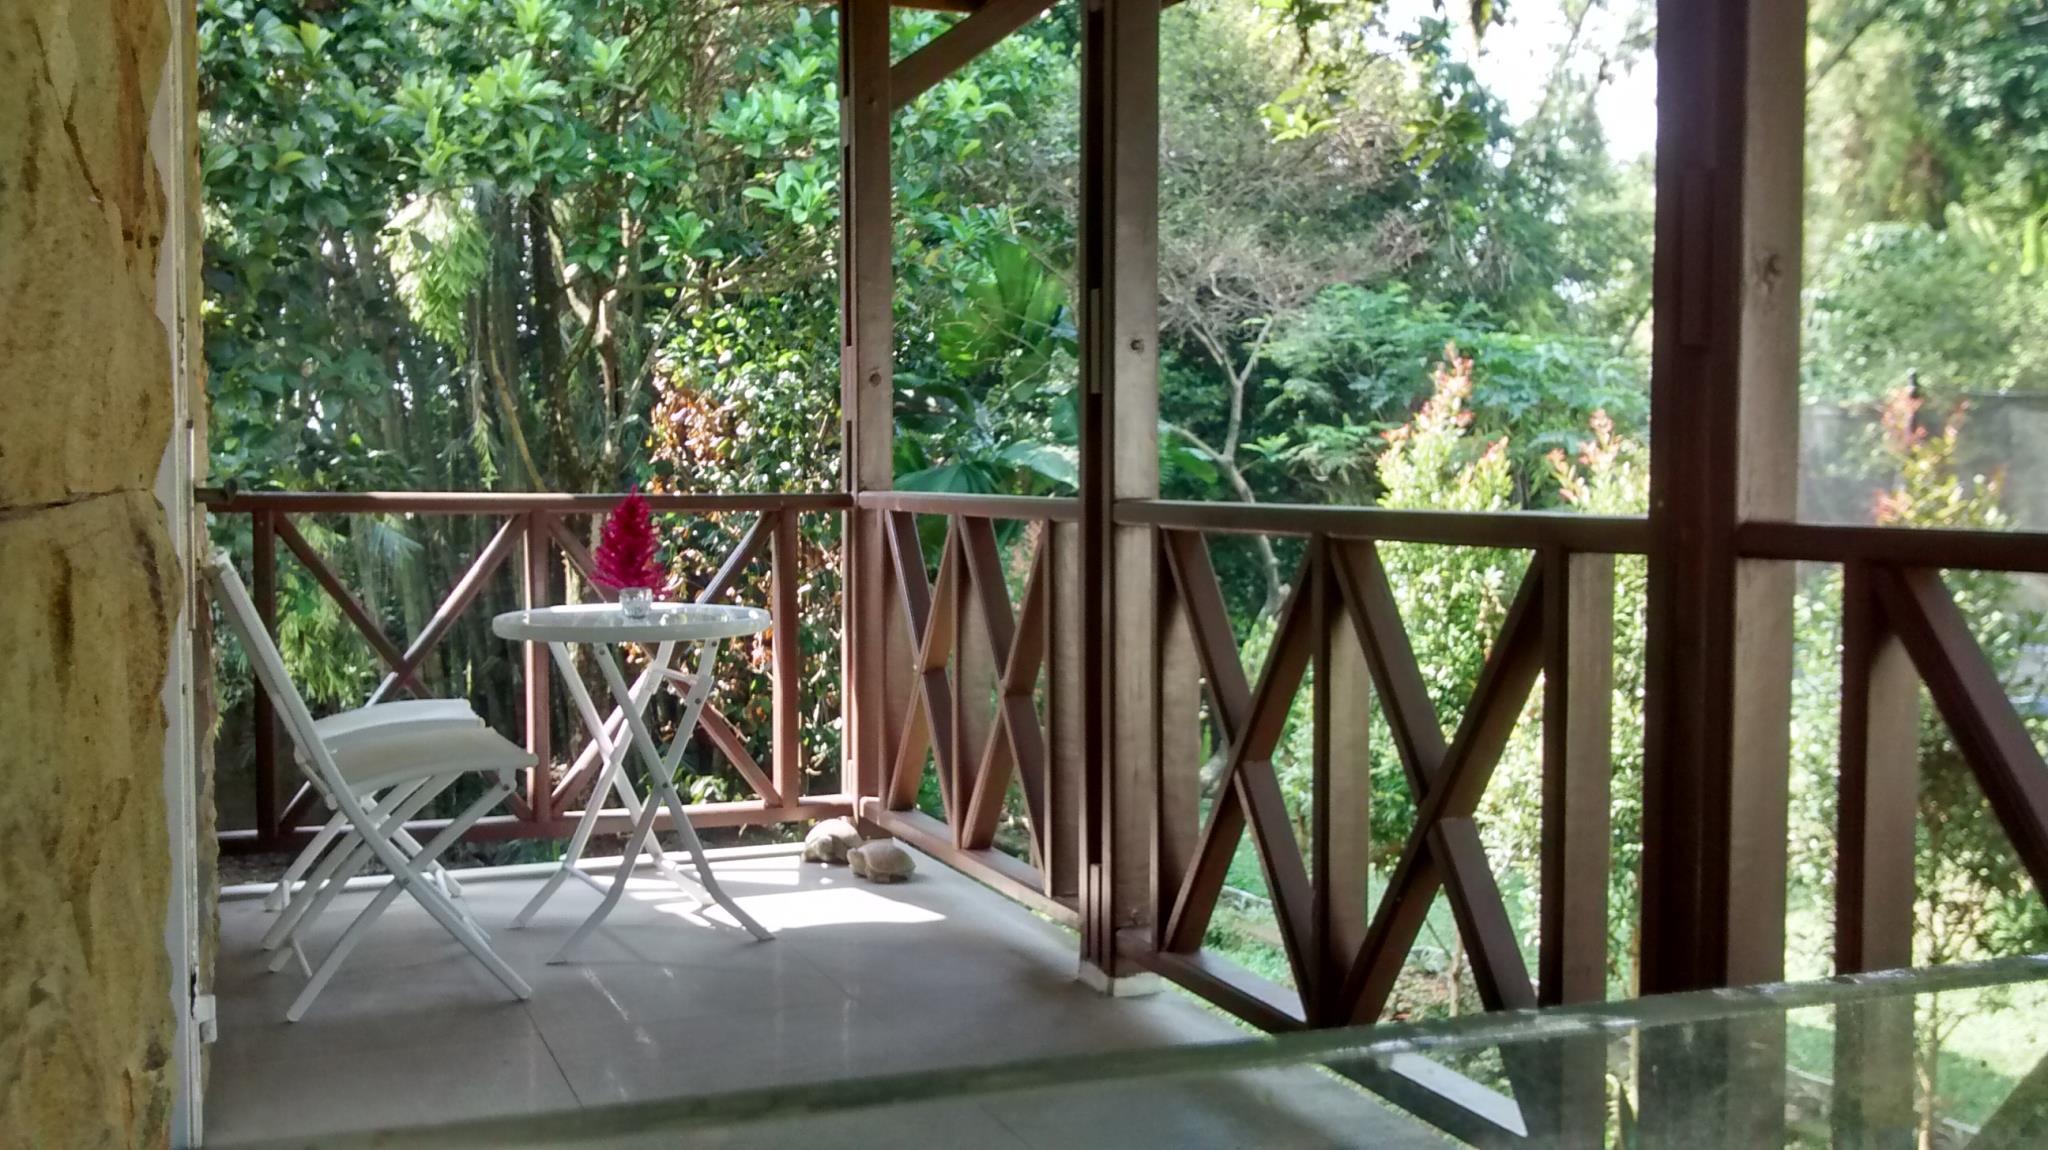 D'kiarahouse, Bogor